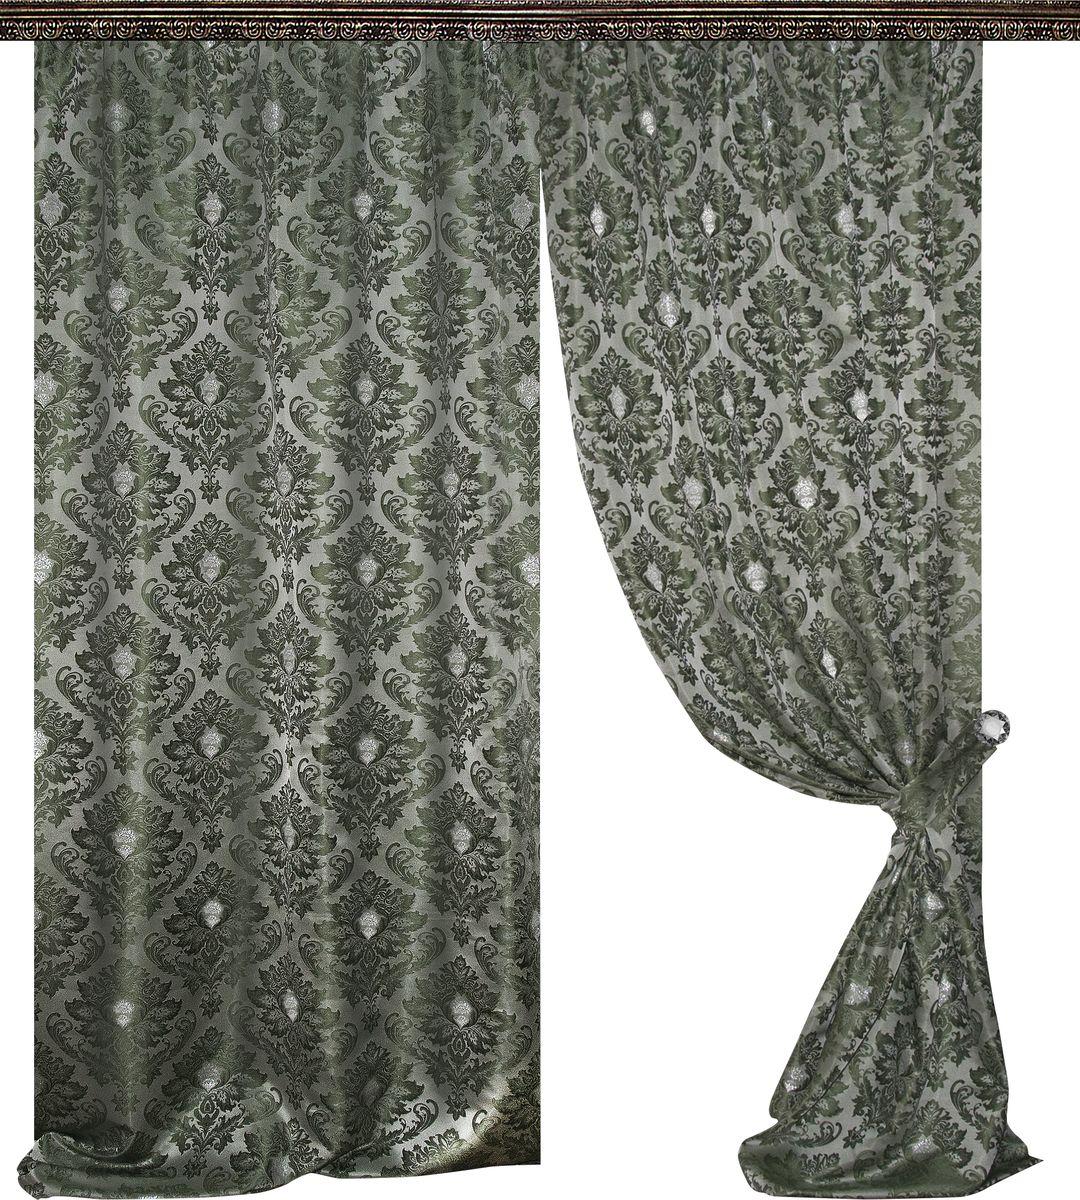 Комплект штор Zlata Korunka, на ленте, цвет: зеленый, высота 270 см. 777004777004Роскошный комплект штор Zlata Korunka комплект состоит из двух штор и двух подхватов, выполненных из 100% полиэстера, которые великолепно украсит любое окно.Плотная ткань, оригинальный орнамент и приятная цветовая гамма привлекут к себе внимание и органично впишутся в интерьер помещения. Комплект крепится на карниз при помощи шторной ленты, которая поможет красиво и равномерно задрапировать верх.Этот комплект будет долгое время радовать вас и вашу семью! В комплект входит: Штора: 2 шт. Размер (ШхВ): 145 см х 270 см. Подхват: 2 шт.